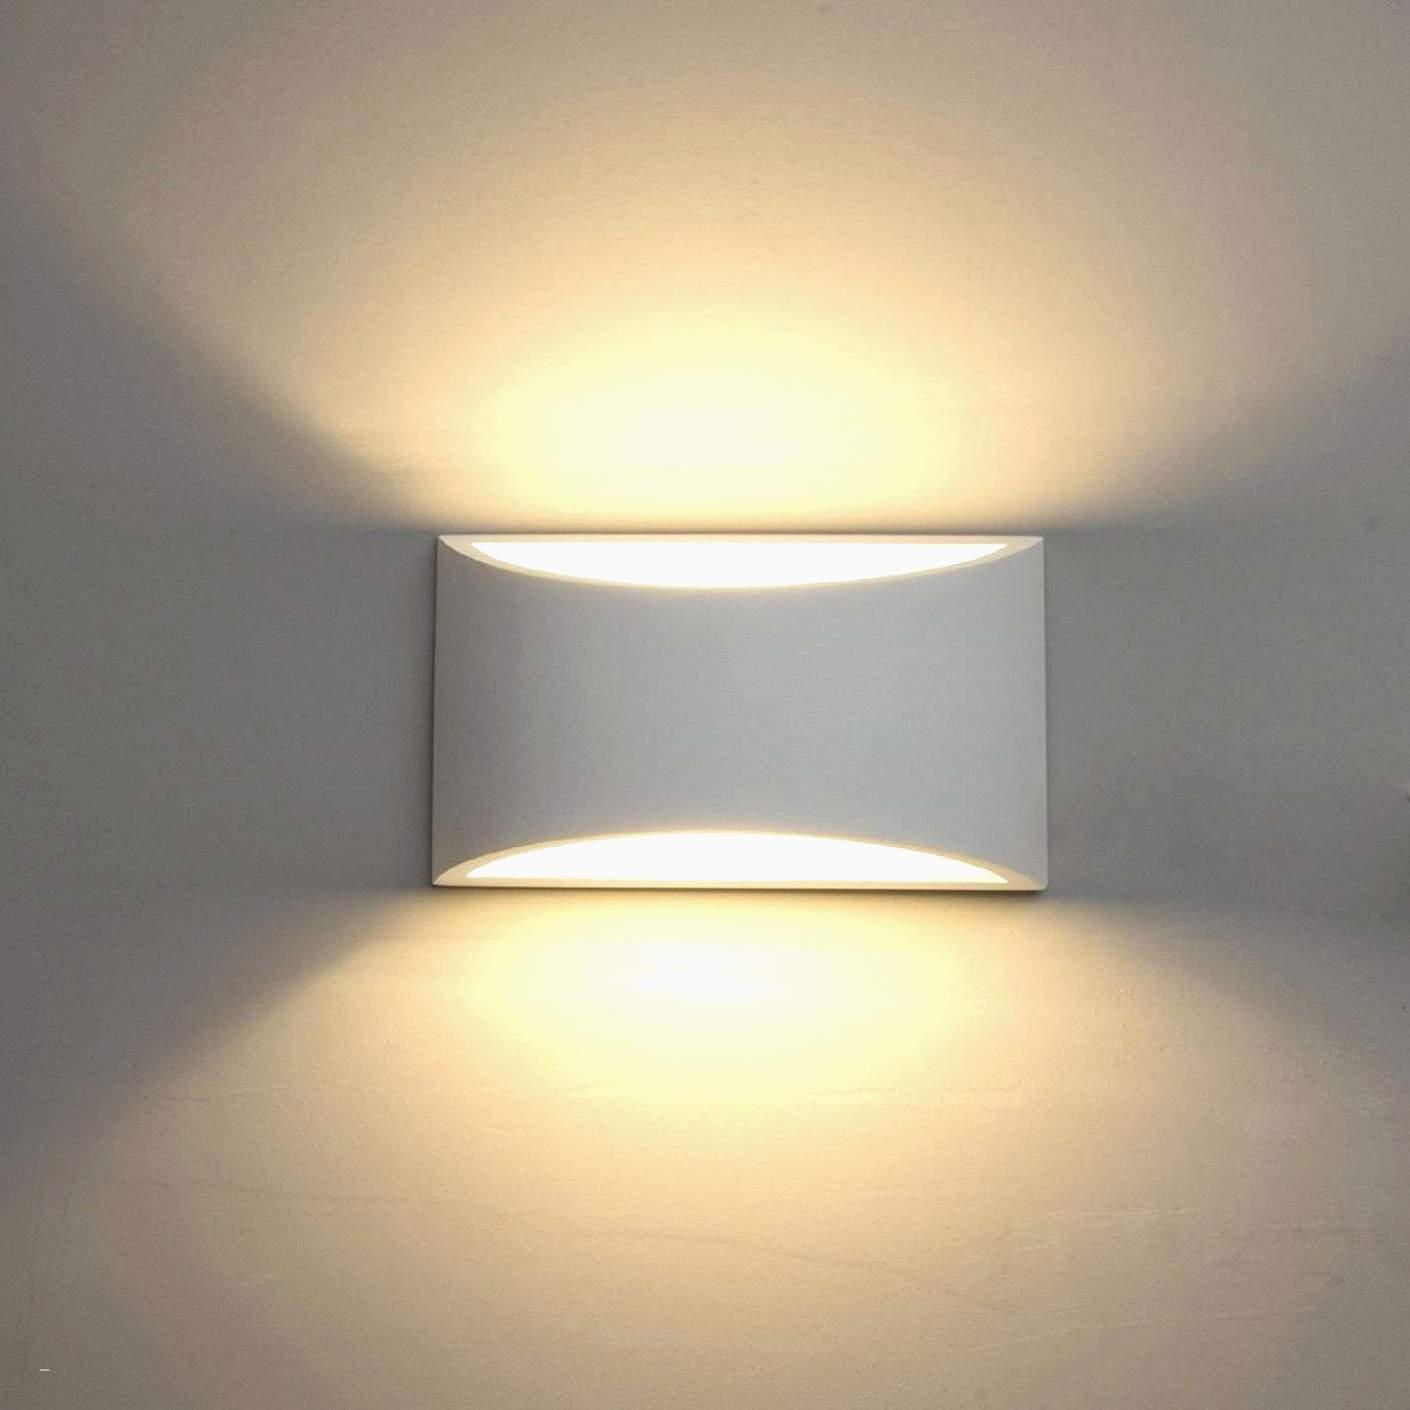 Full Size of Deckenlampen Wohnzimmer Modern Deckenlampe Inspirierend Tapete Küche Kommode Deckenleuchte Dekoration Heizkörper Bilder Xxl Lampe Led Vitrine Weiß Wohnzimmer Deckenlampe Wohnzimmer Modern